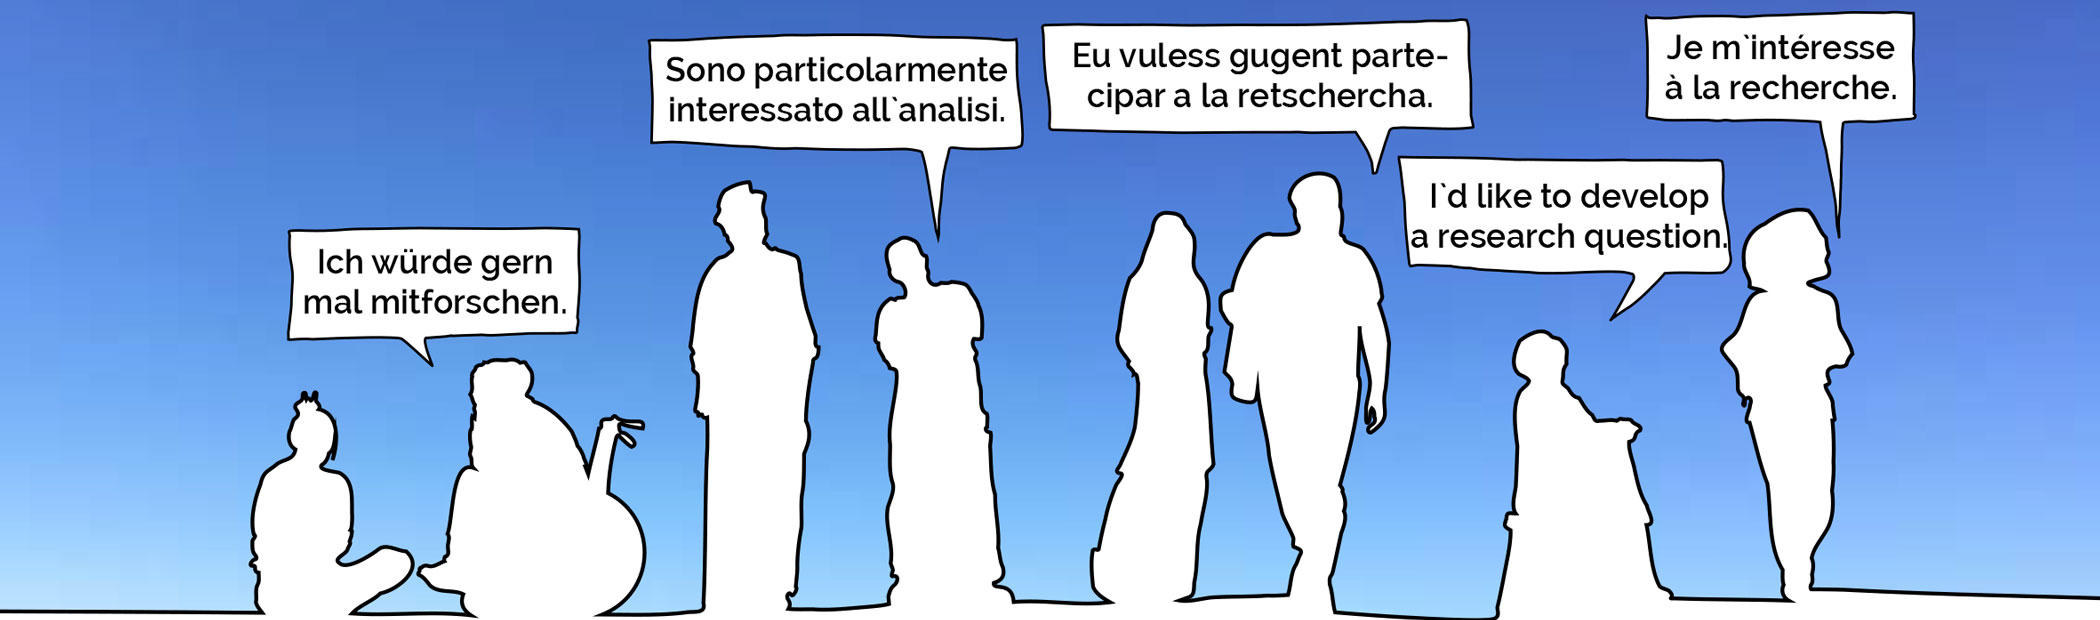 Zeichnung von verschiedenen Personen, die nebeneinander stehen und Sprechblasen haben in denen in verschiedenen Sprachen steht: Ich würde gern mal mitforschen.